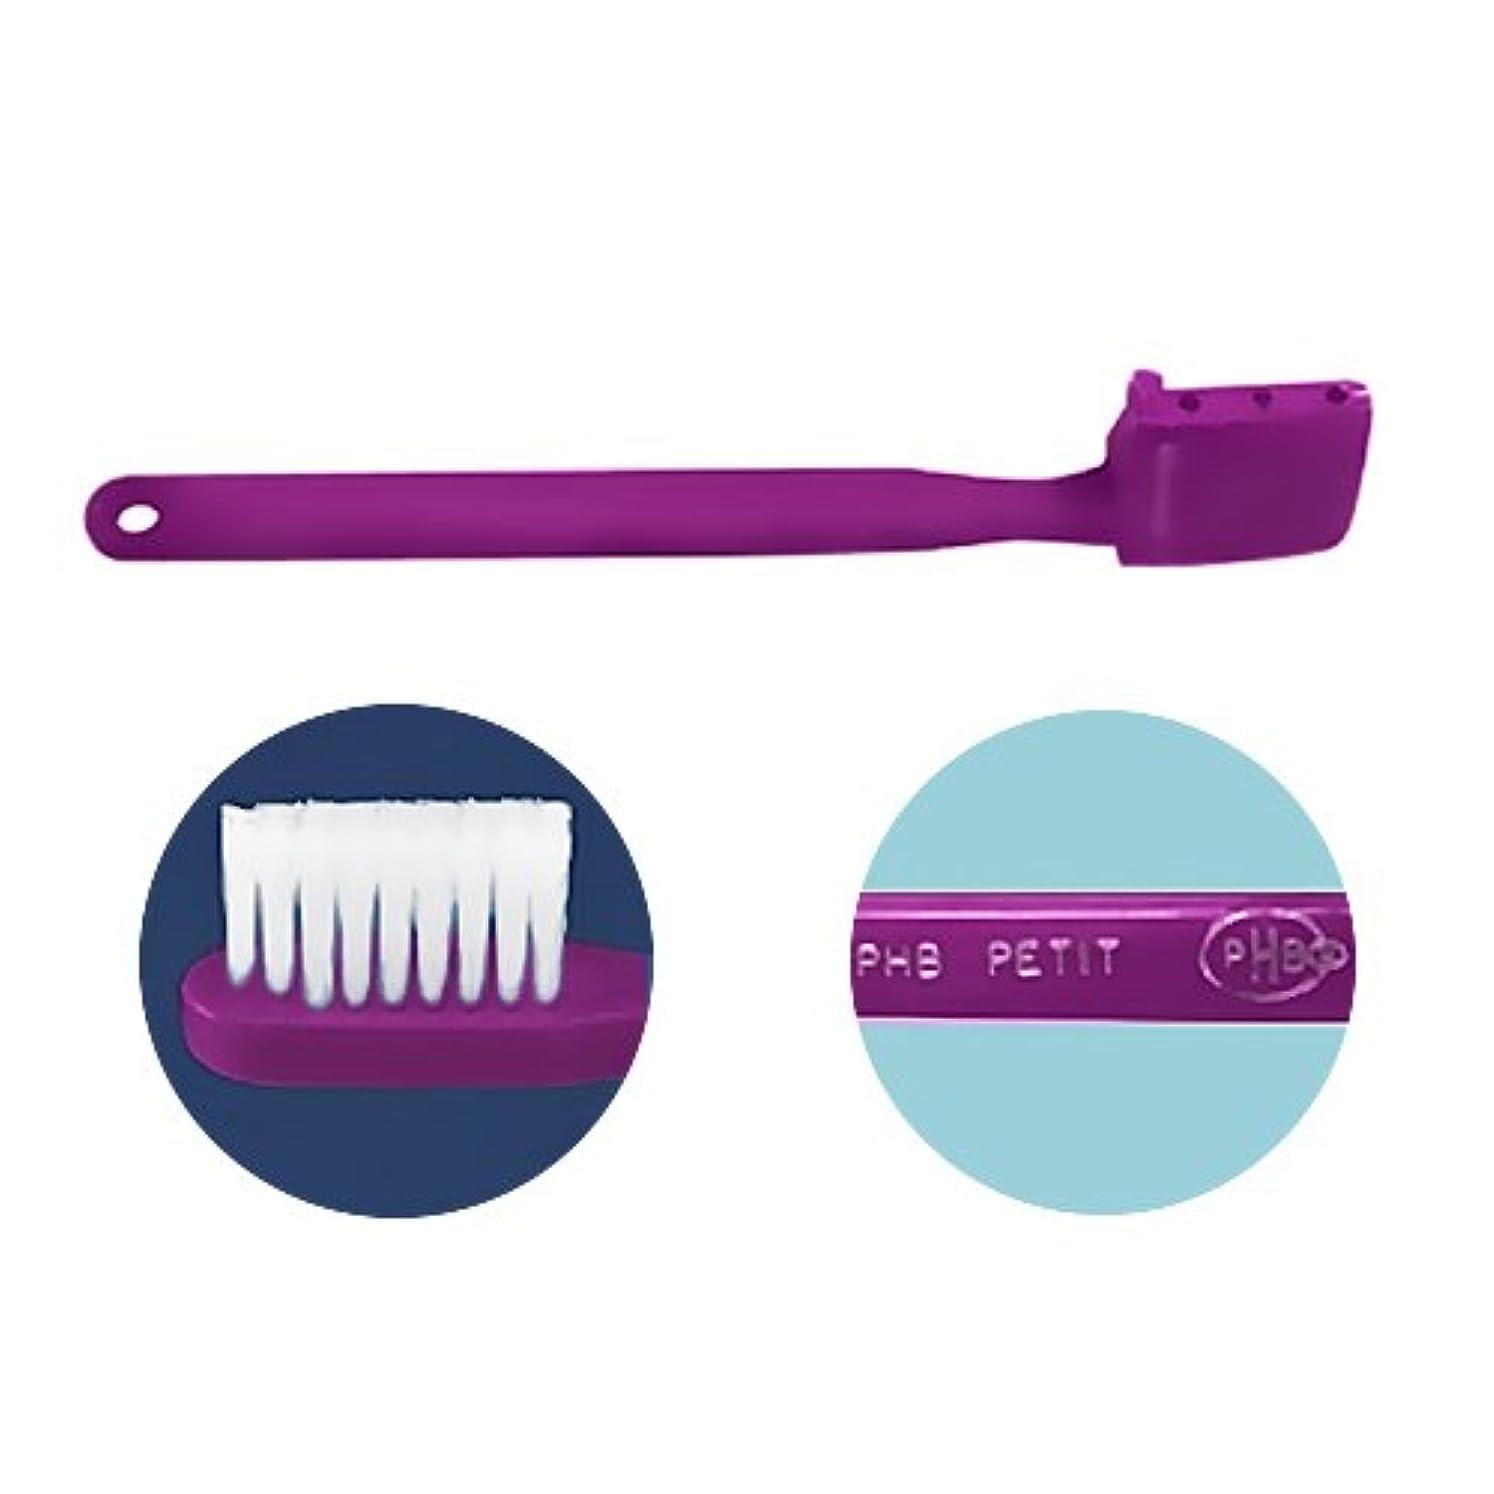 耐えられる民族主義いとこPHB 歯ブラシ プチサイズ 1本 ネオンパープル